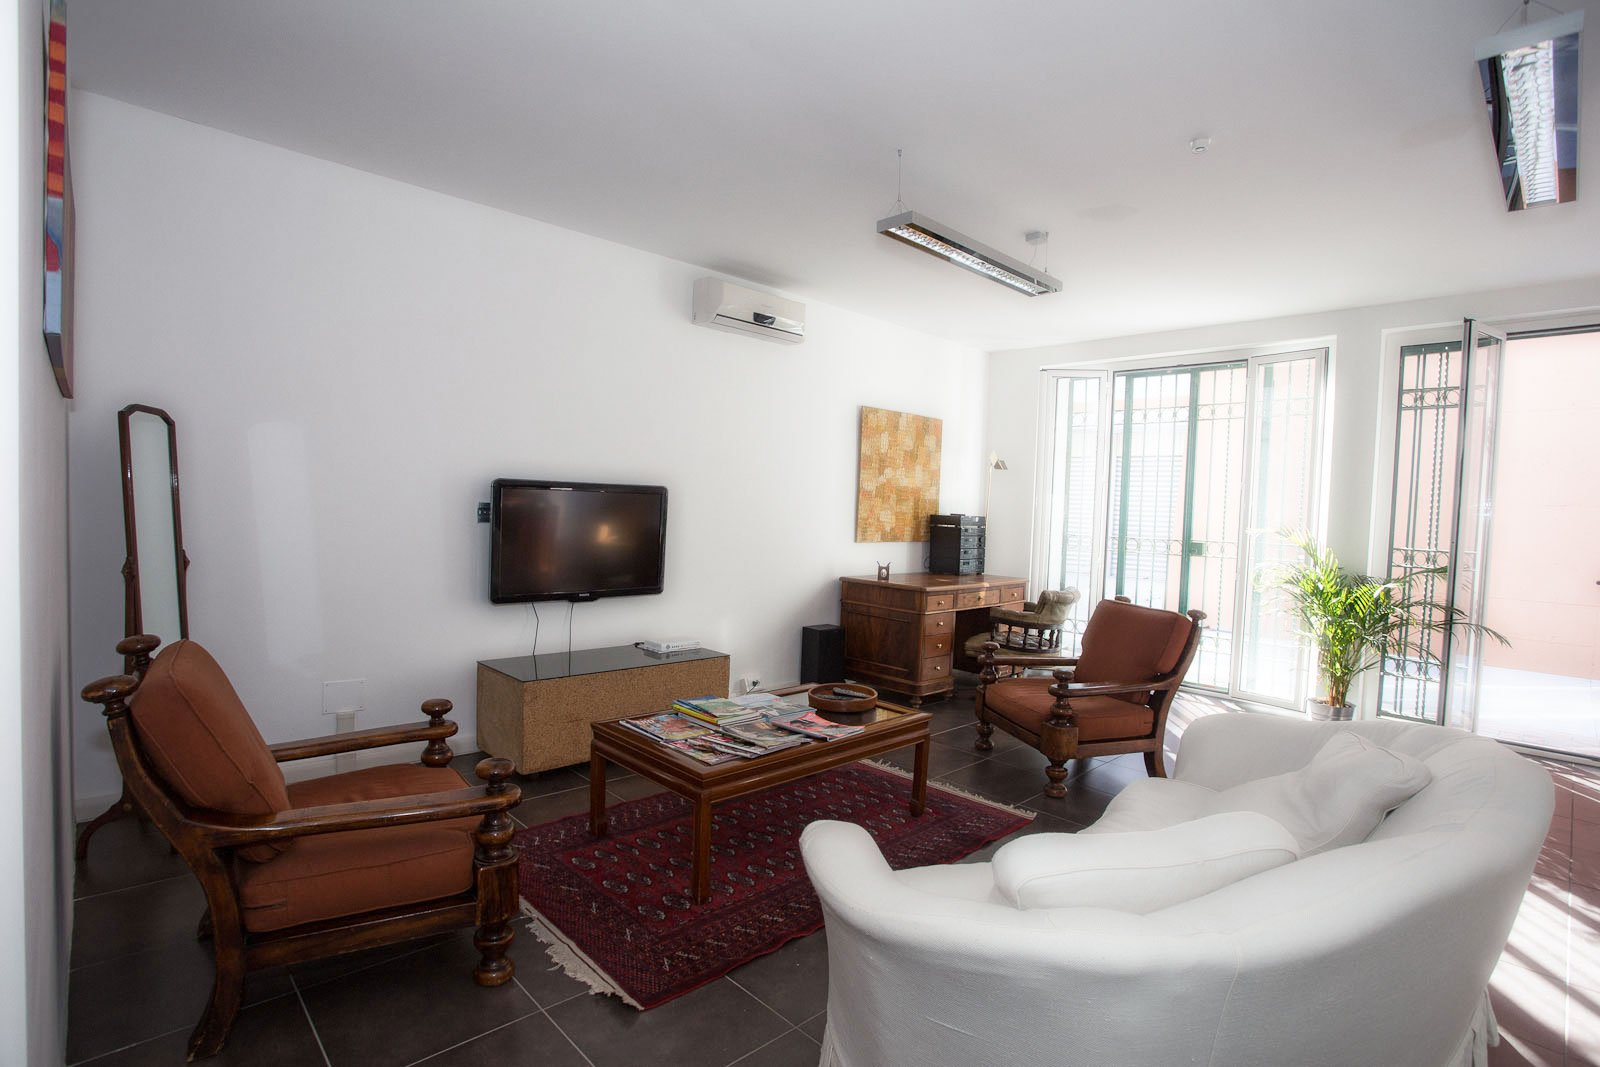 Uffici in affitto a roma portuense per aziende workplace for Affitto studio eur